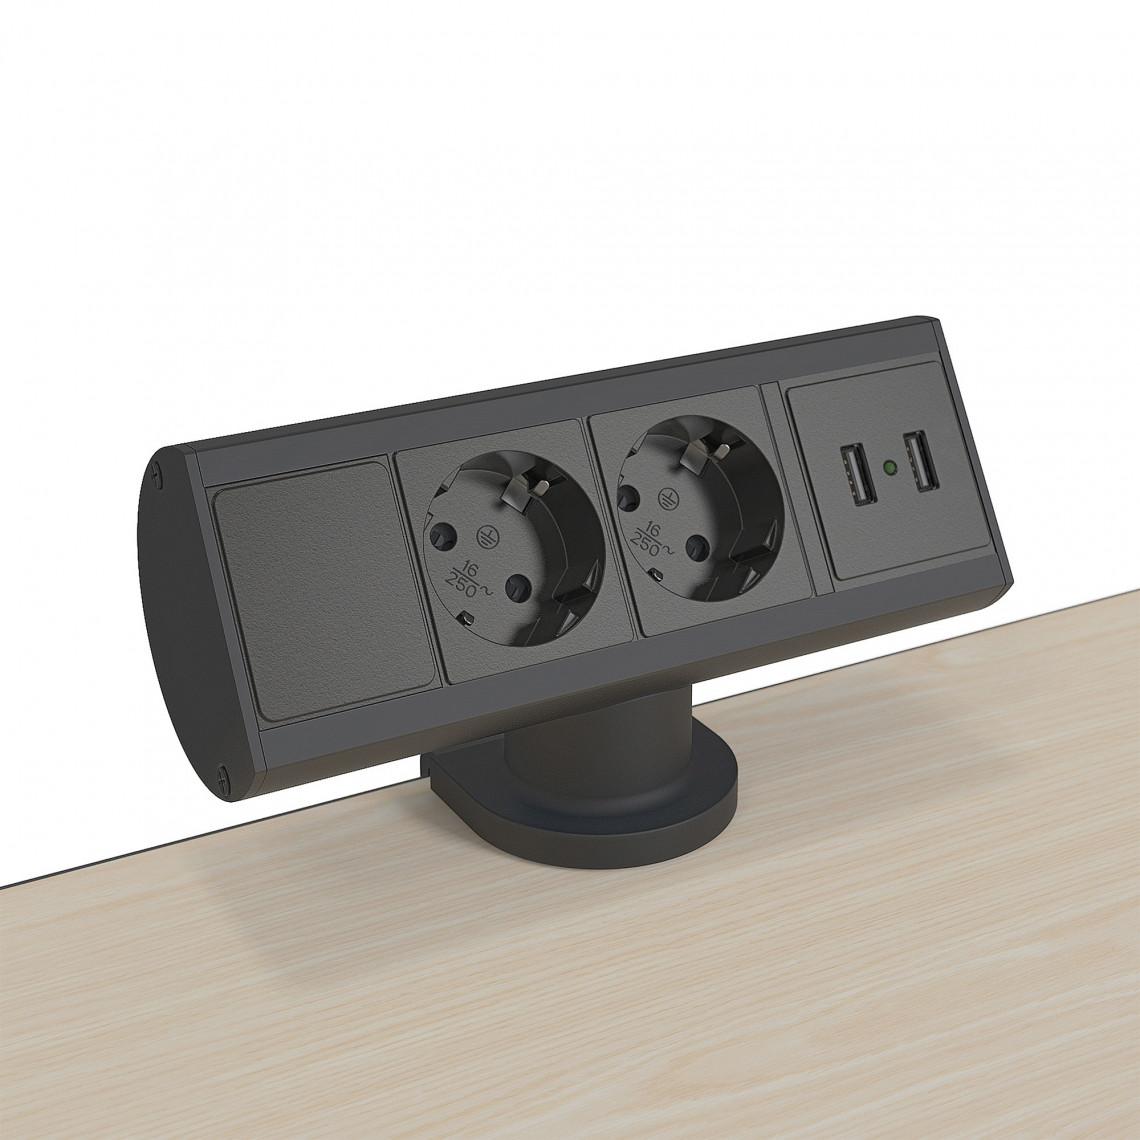 Axessline Desk - 2 El 2 USB Laddare, 31 mm, Svart